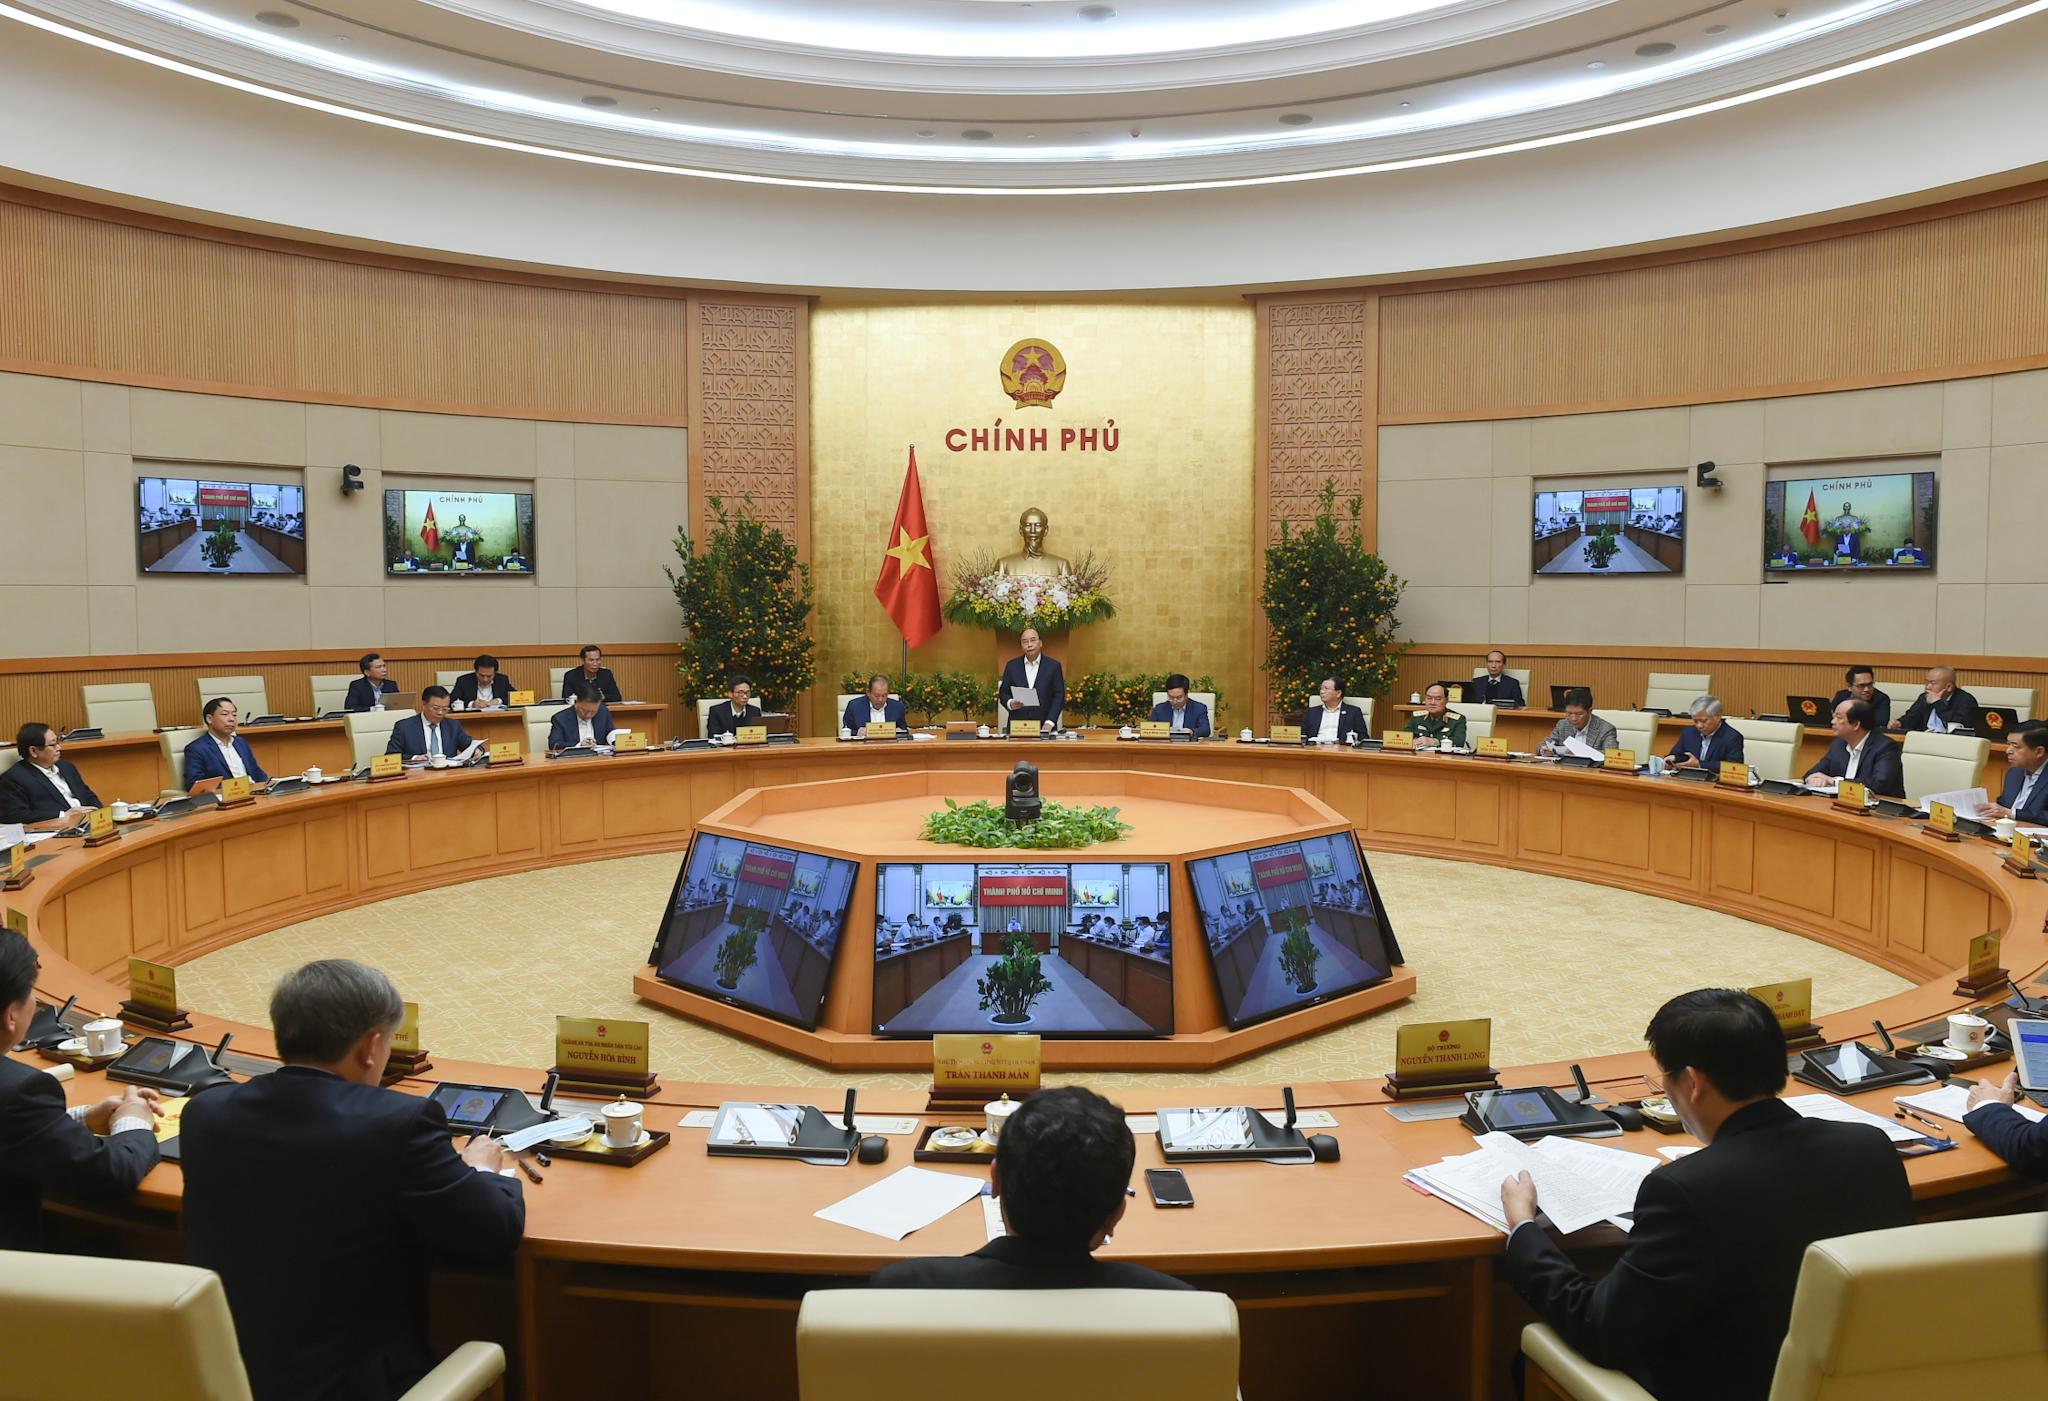 Phiên họp Chính phủ thường kỳ tháng 01/2021